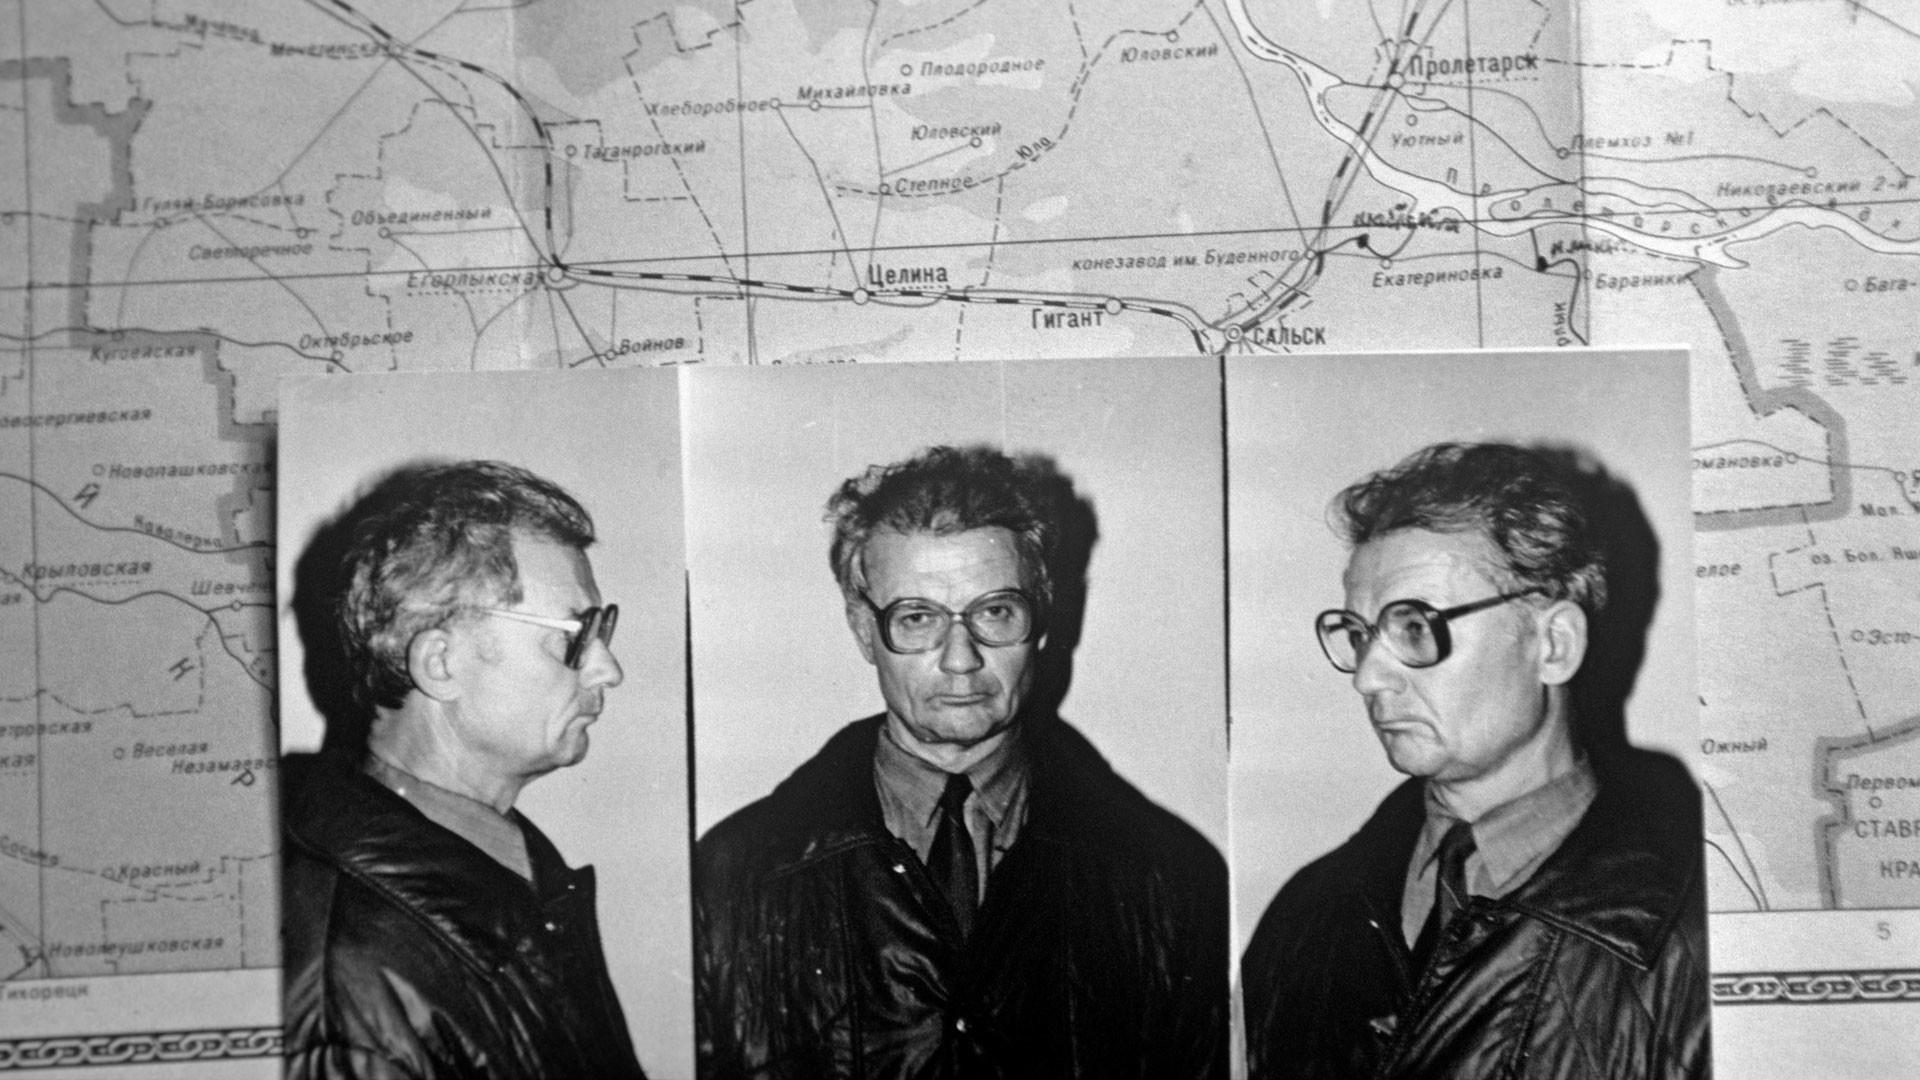 O serial killer Andrei Chikatilo em fotos tiradas no dia em que foi preso. Ao fundo um mapa utilizado pela polícia para traçar os locais dos crimes. Foto: RIA Novosti / Vladimir Vyatkin.